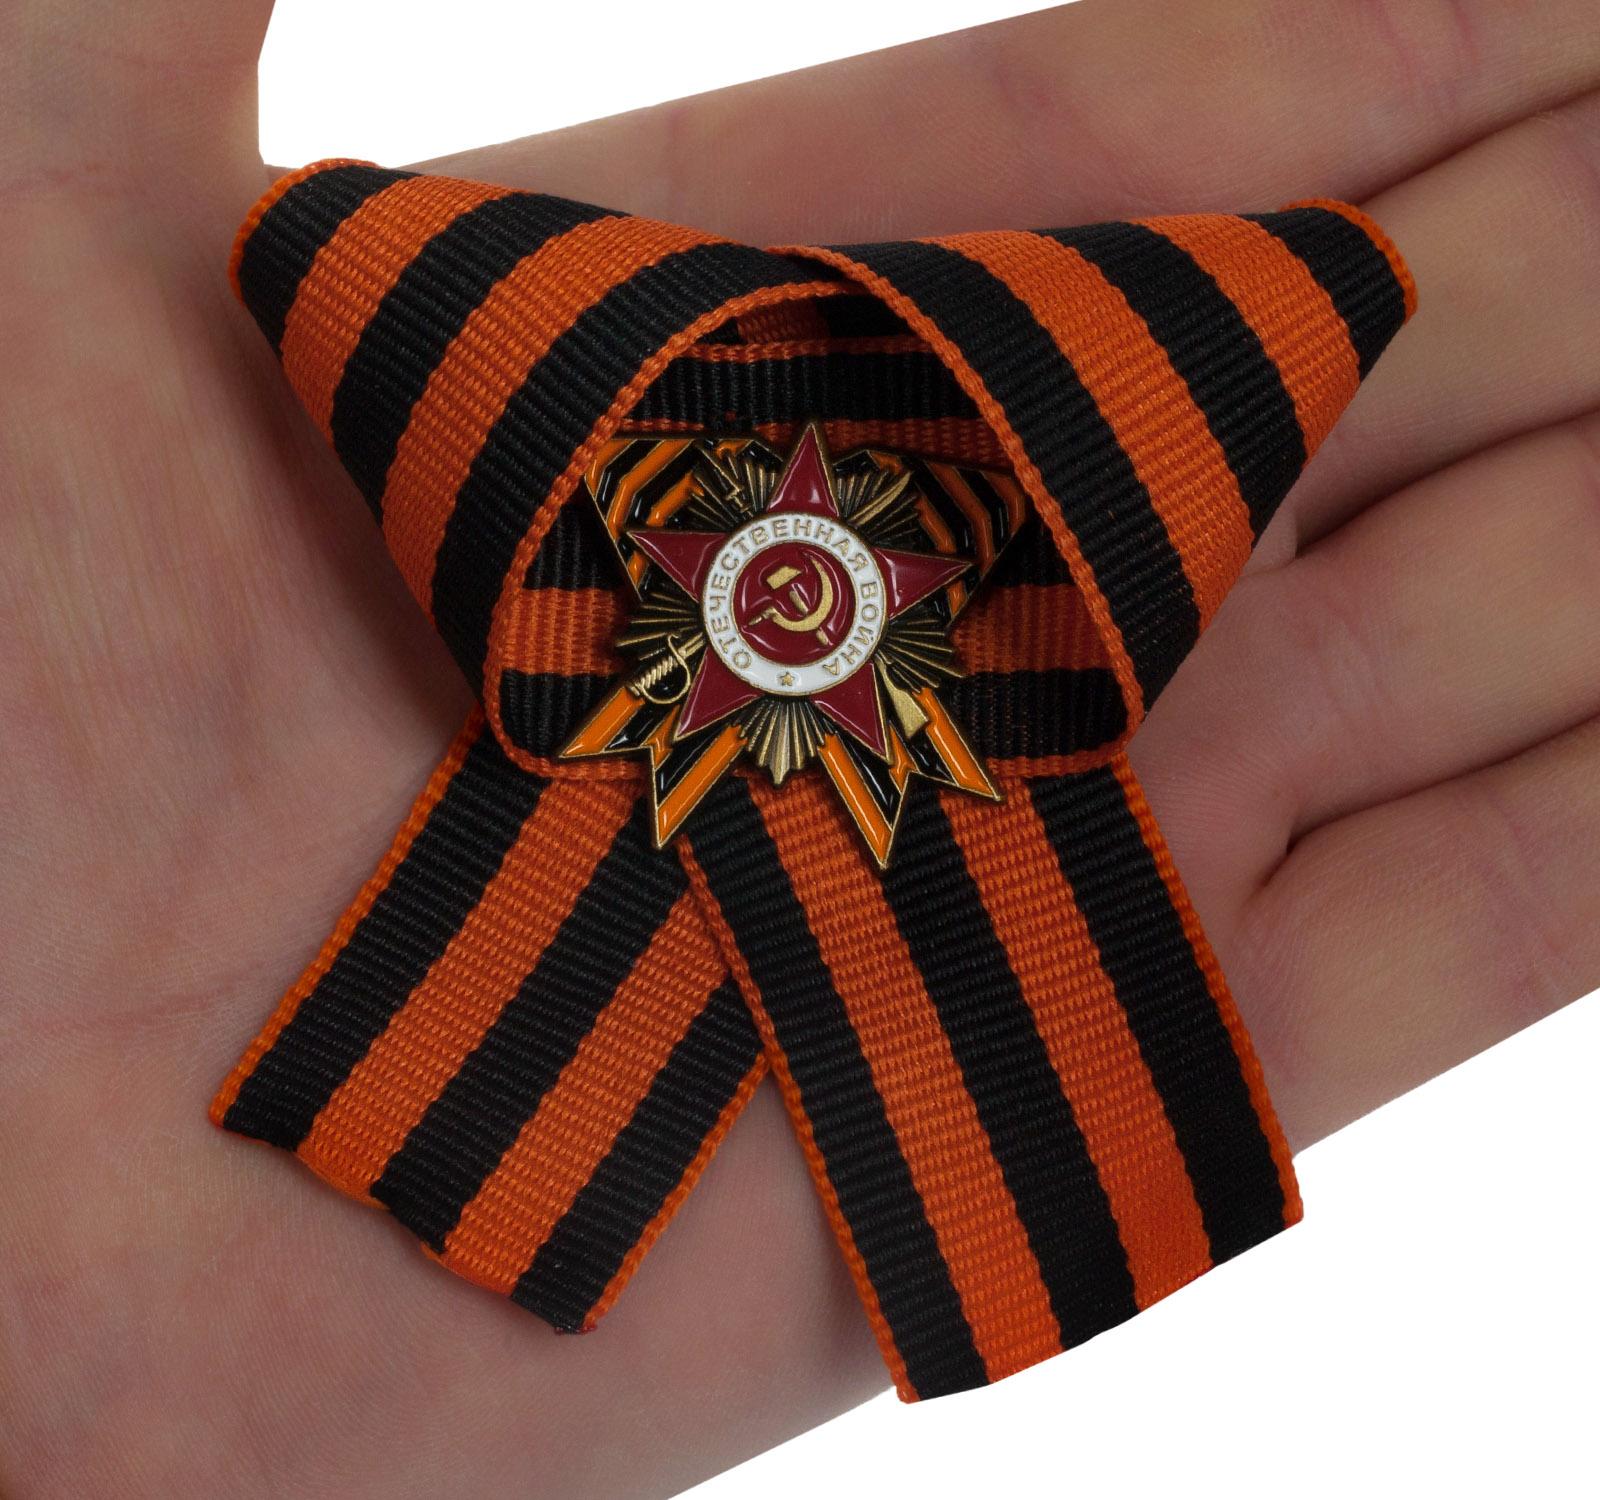 Значок с орденом Отечественной войны на Георгиевской ленте - фото Подарки, сувениры к 9 мая по низким ценам с доставкой